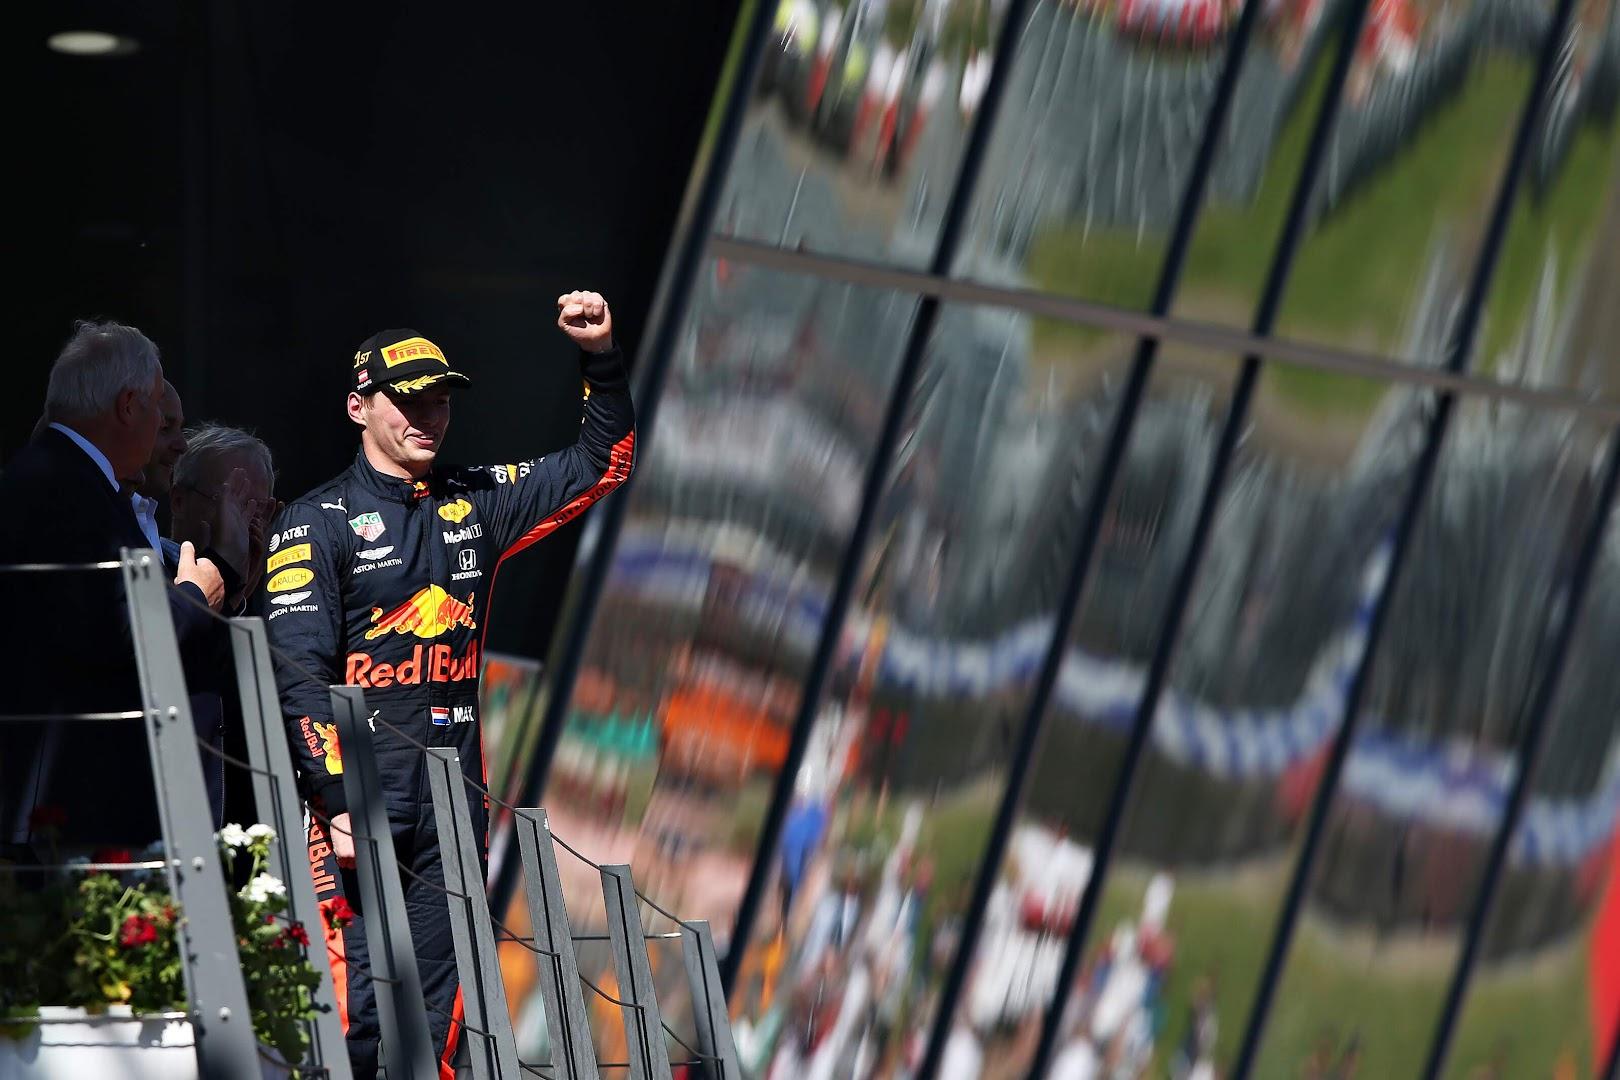 F1第9戦オーストリアGP表彰台にウィナーとして登場したフェルスタッペン